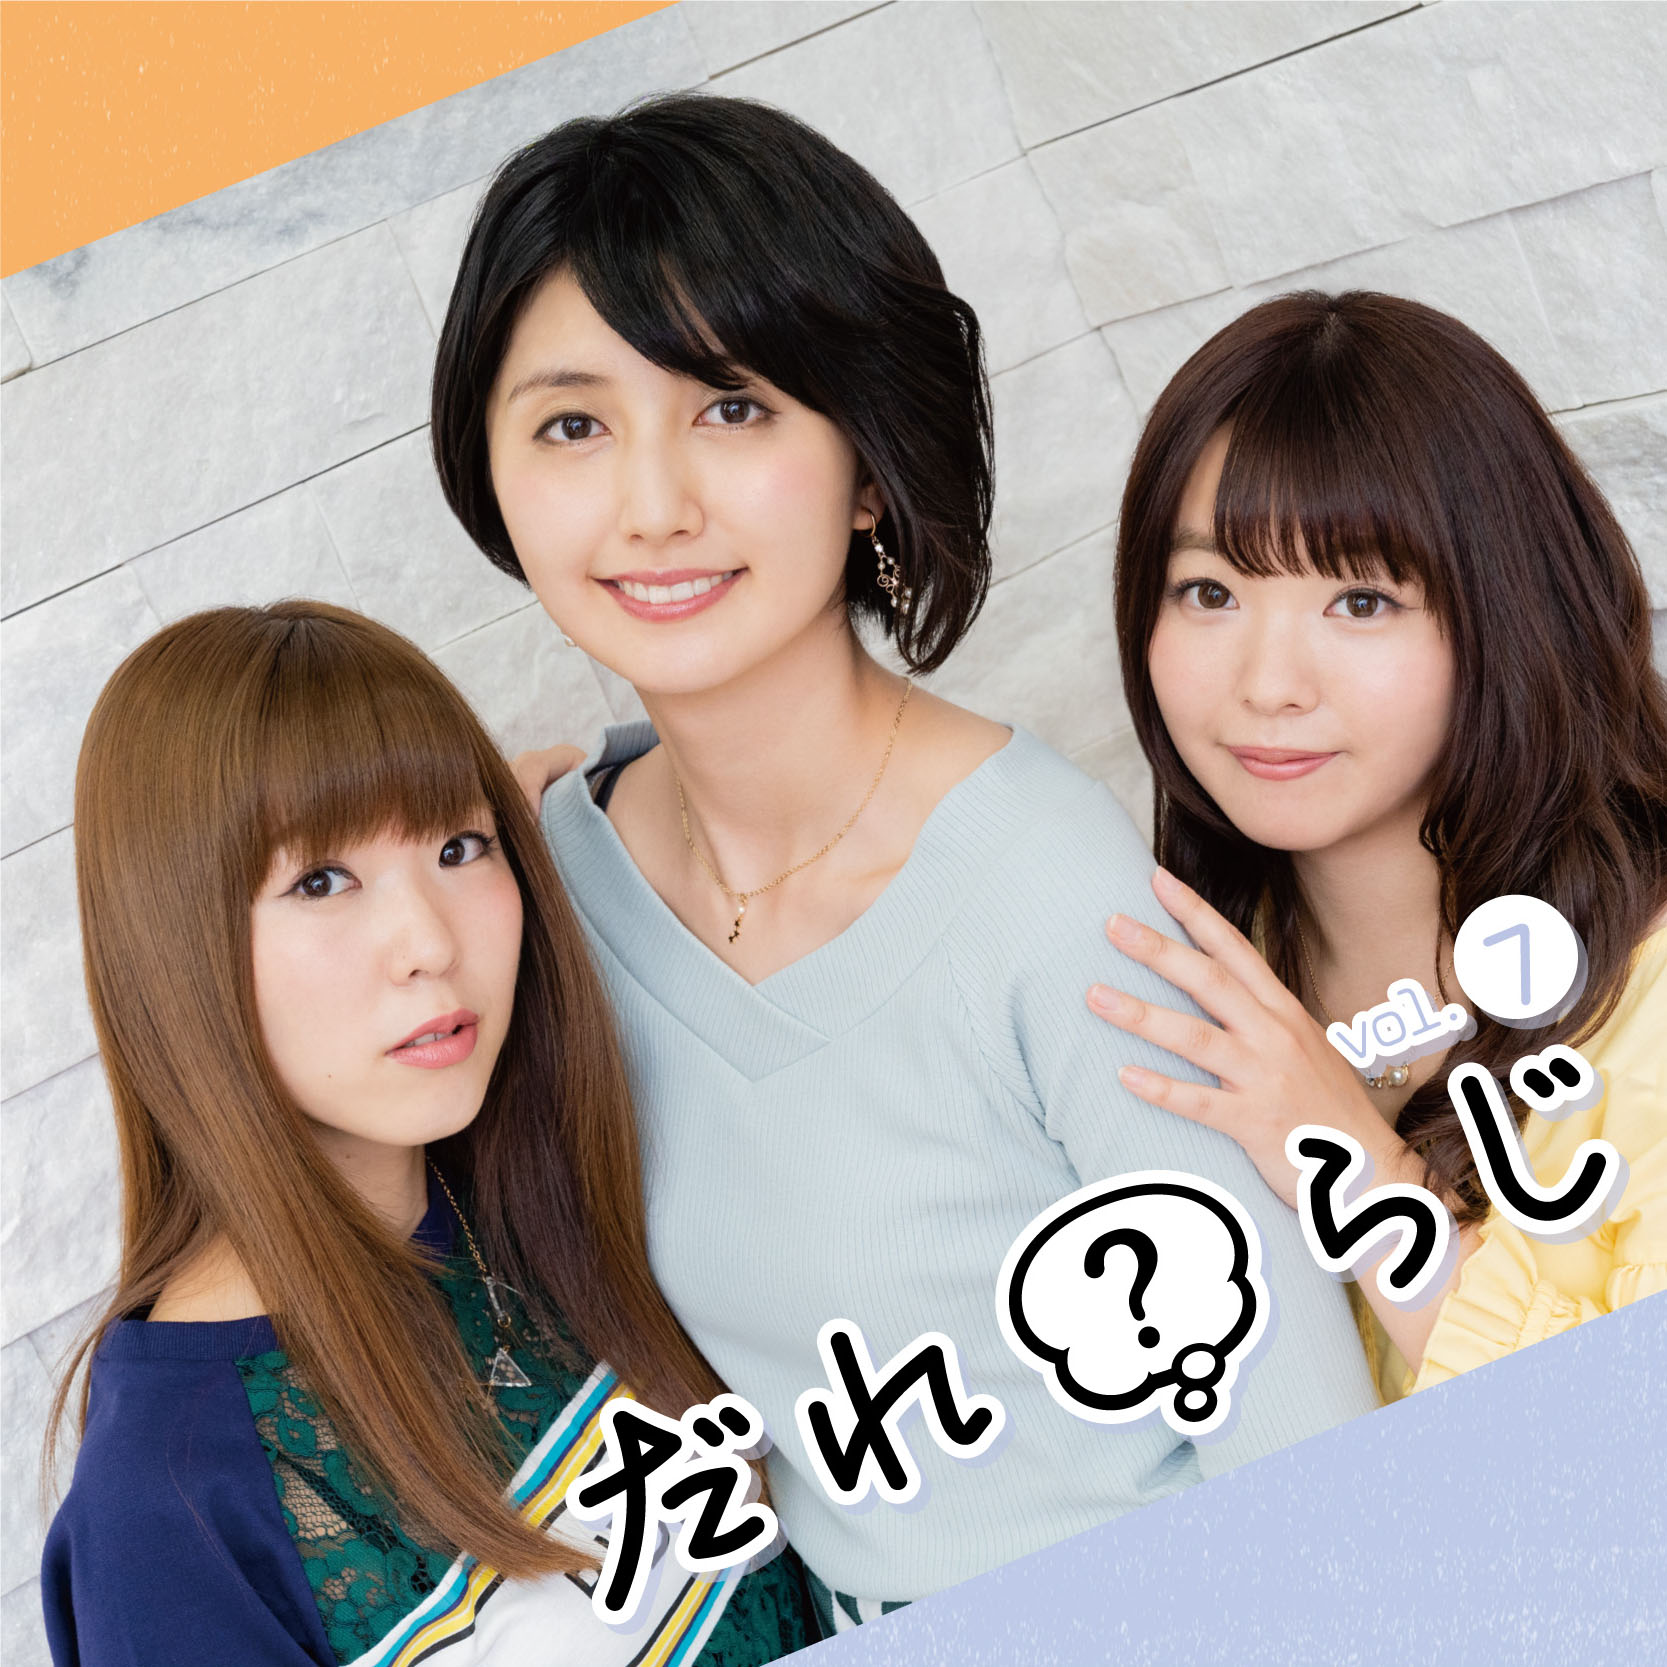 ラジオCD「だれ?らじ」Vol.7